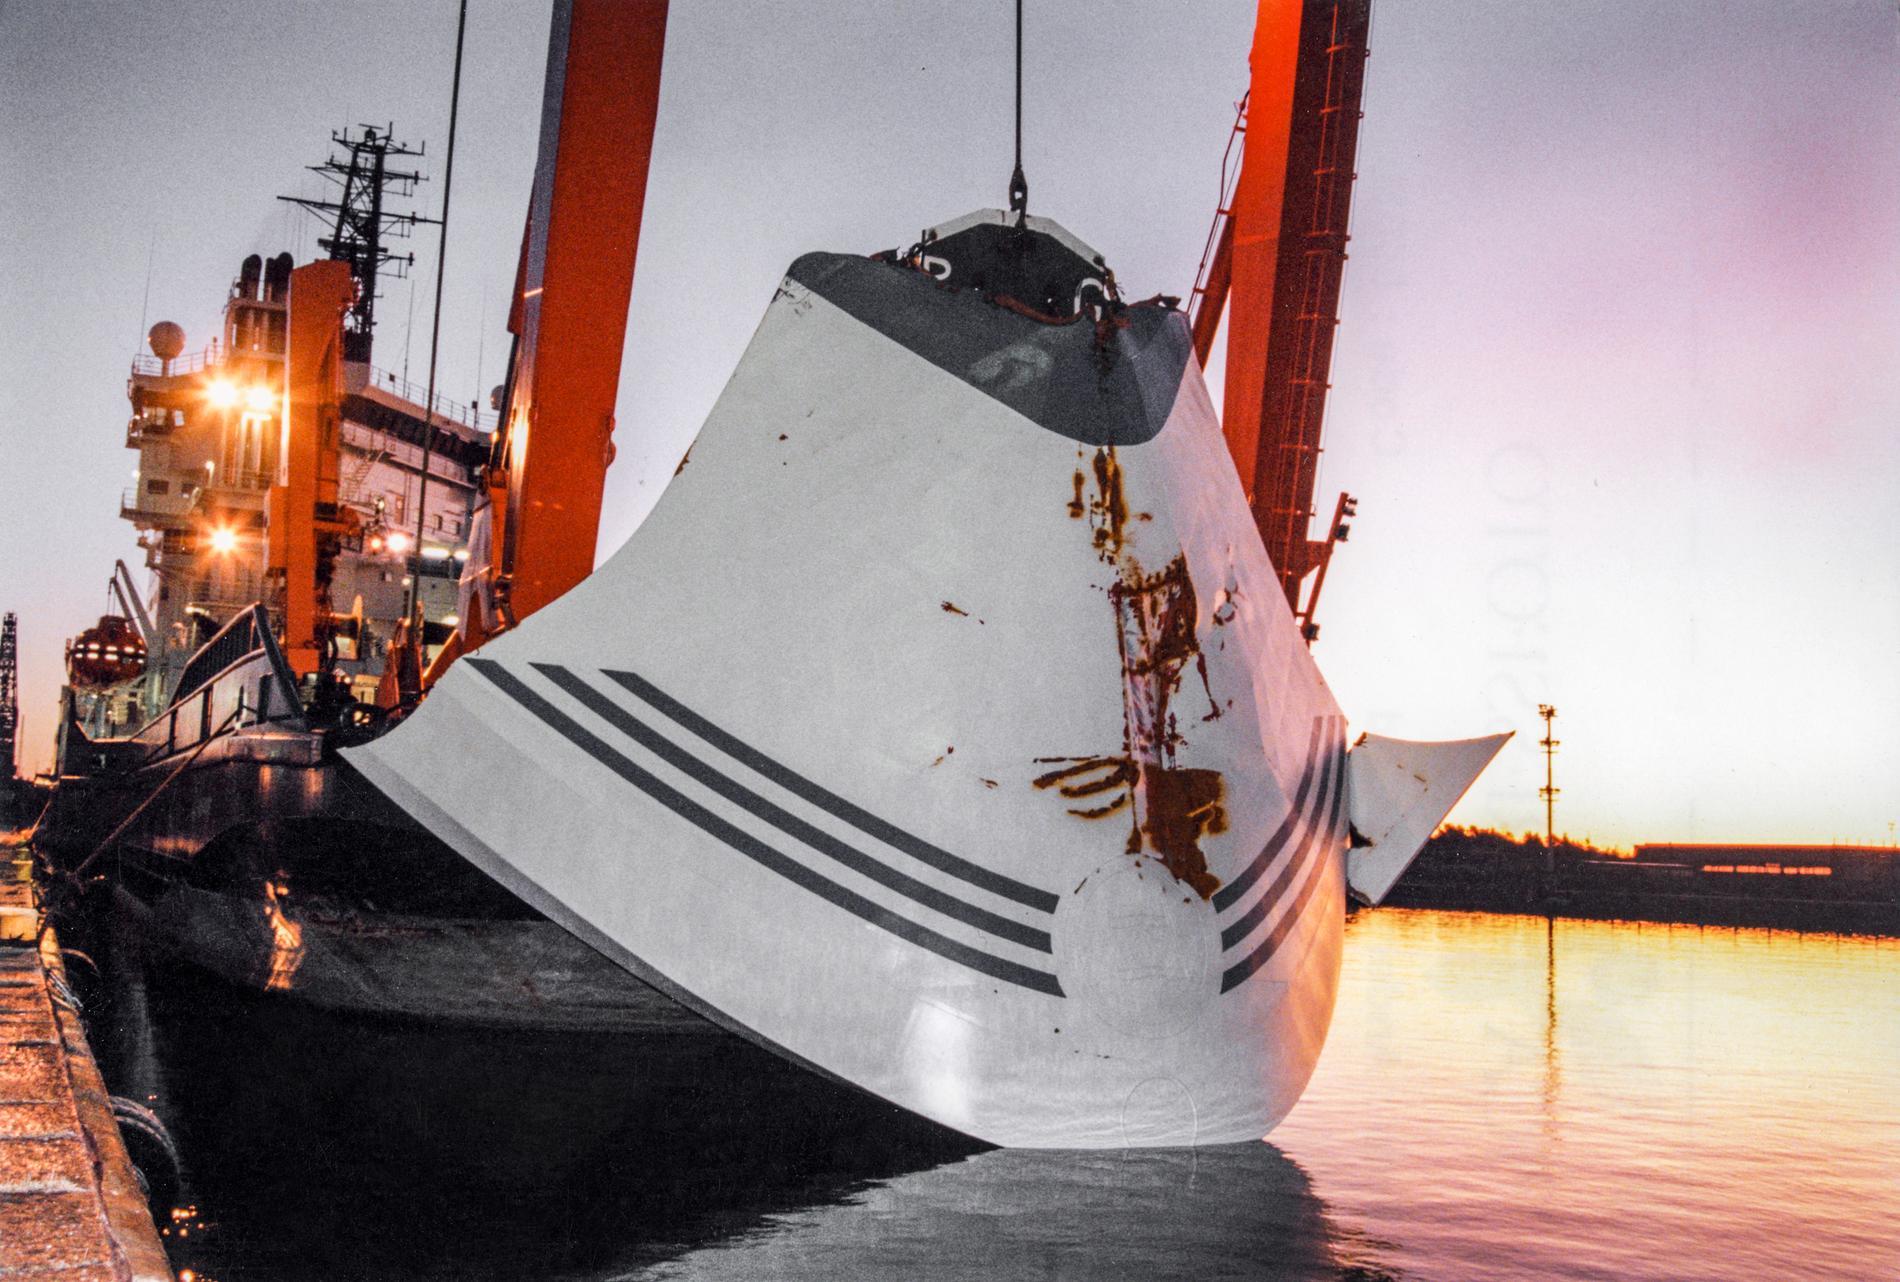 Bärgningsfartyget Ugland står intill kajen i Hangö, Finland, 19:e november 1994 efter att ha bärgat bogvisiret till passagerarfärjan M/S Estonia.